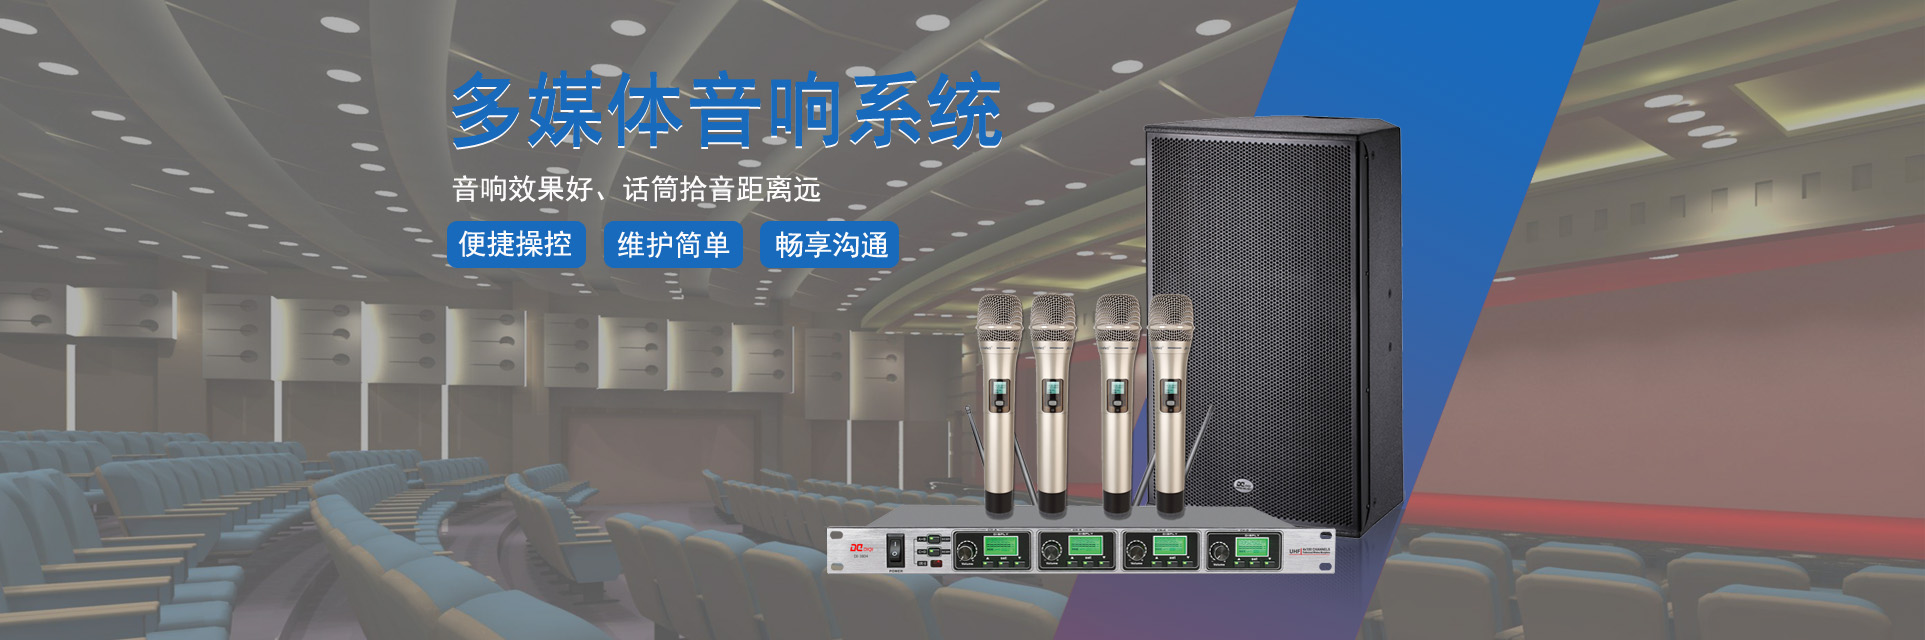 智能多媒体音响系统设备方案设计